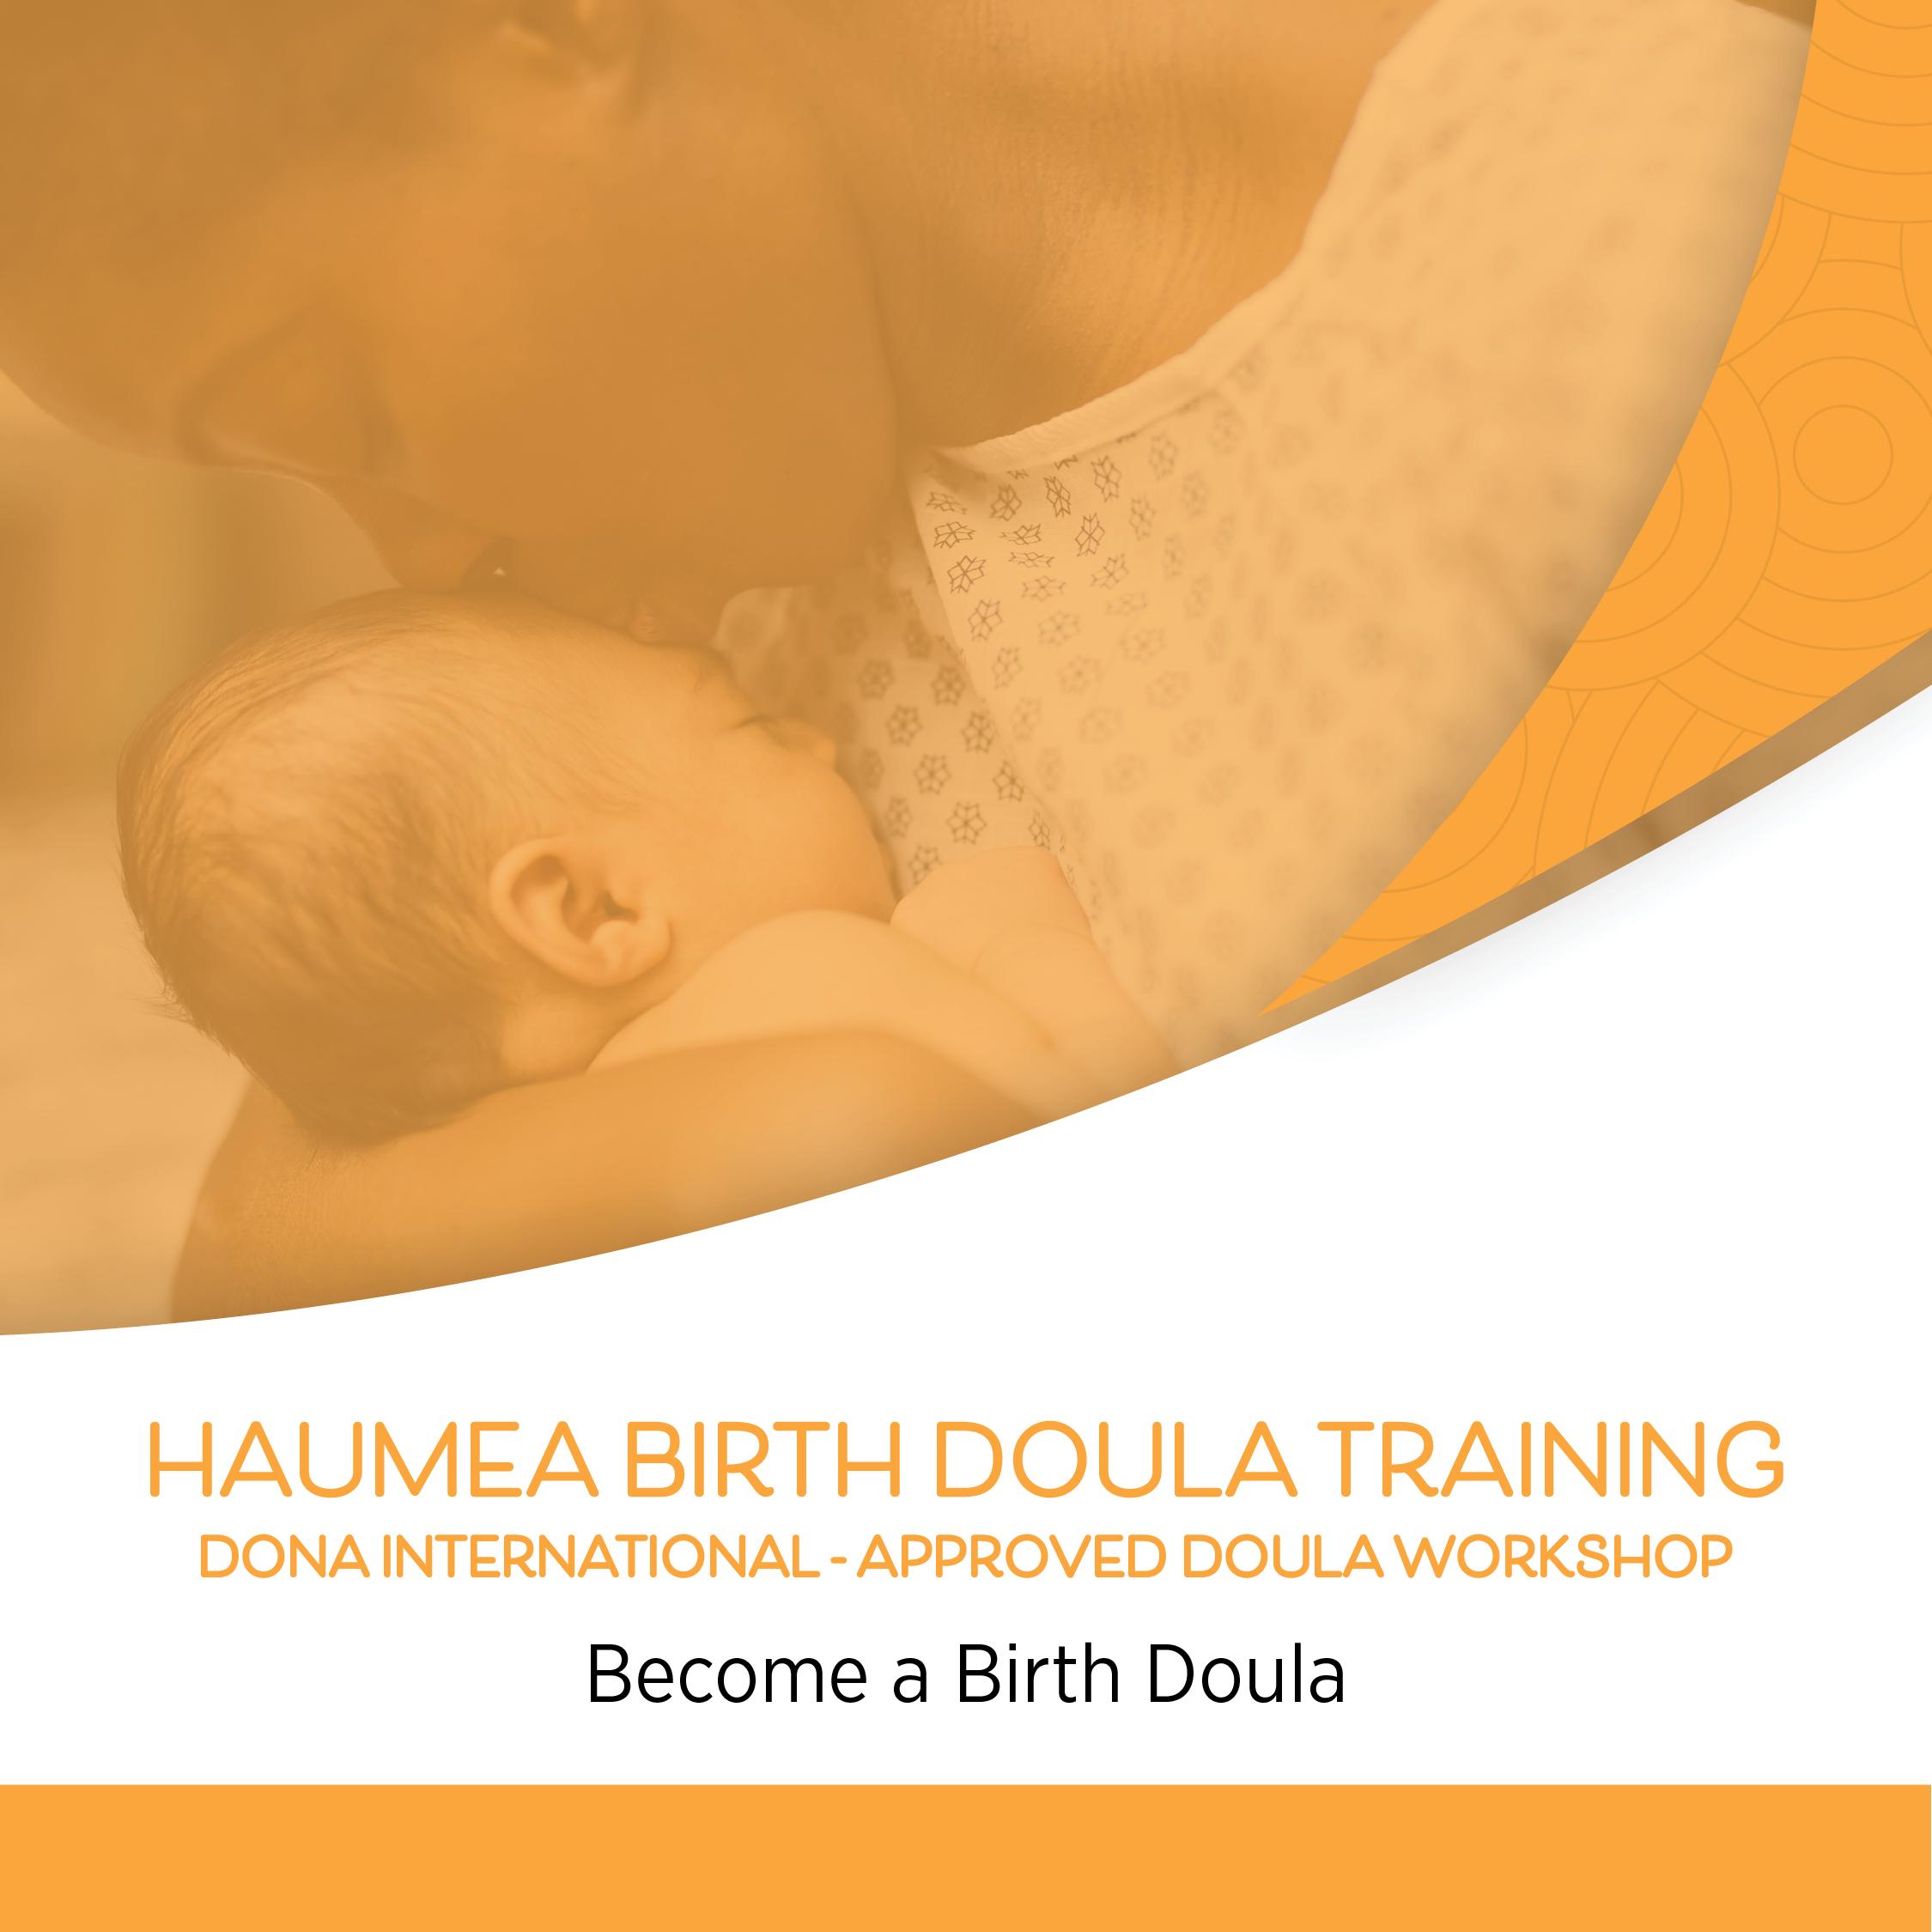 Haumea_2019_Event_DoulaTraining_Web.jpg